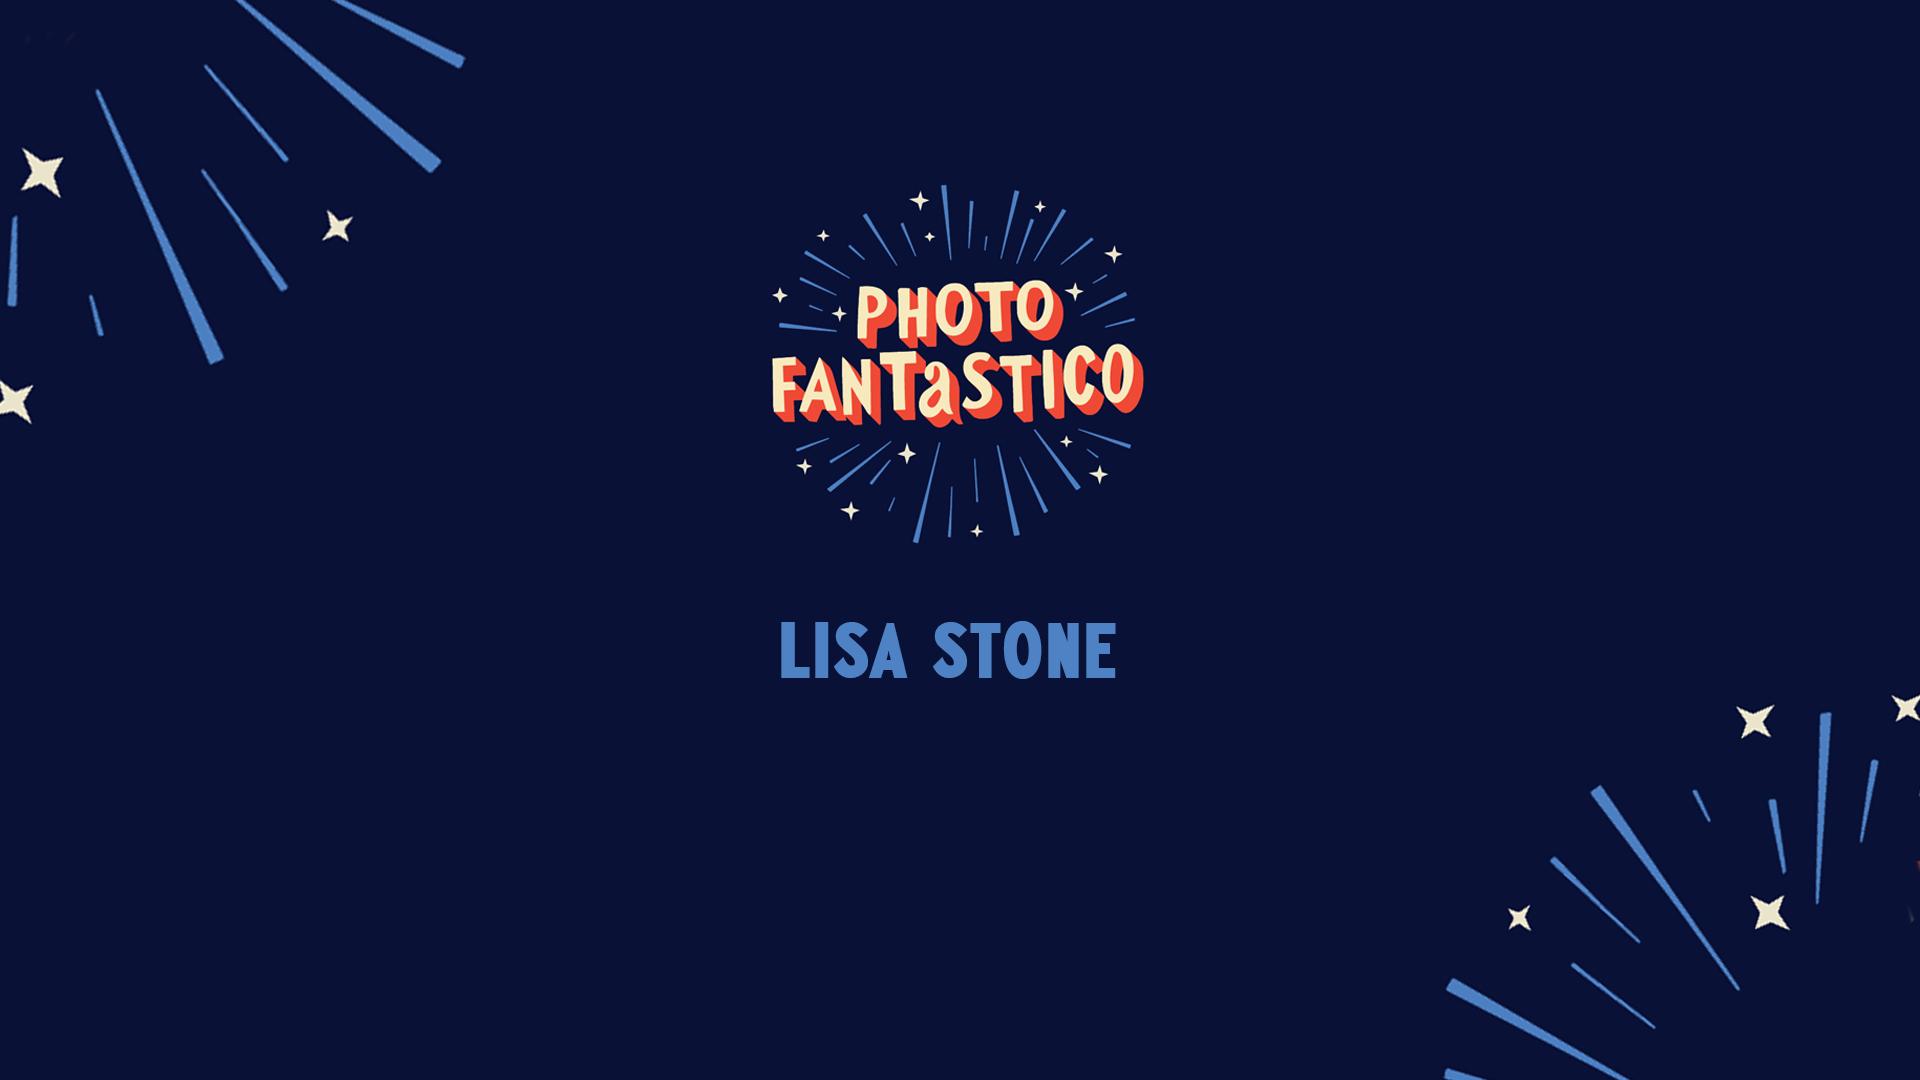 lisa stone